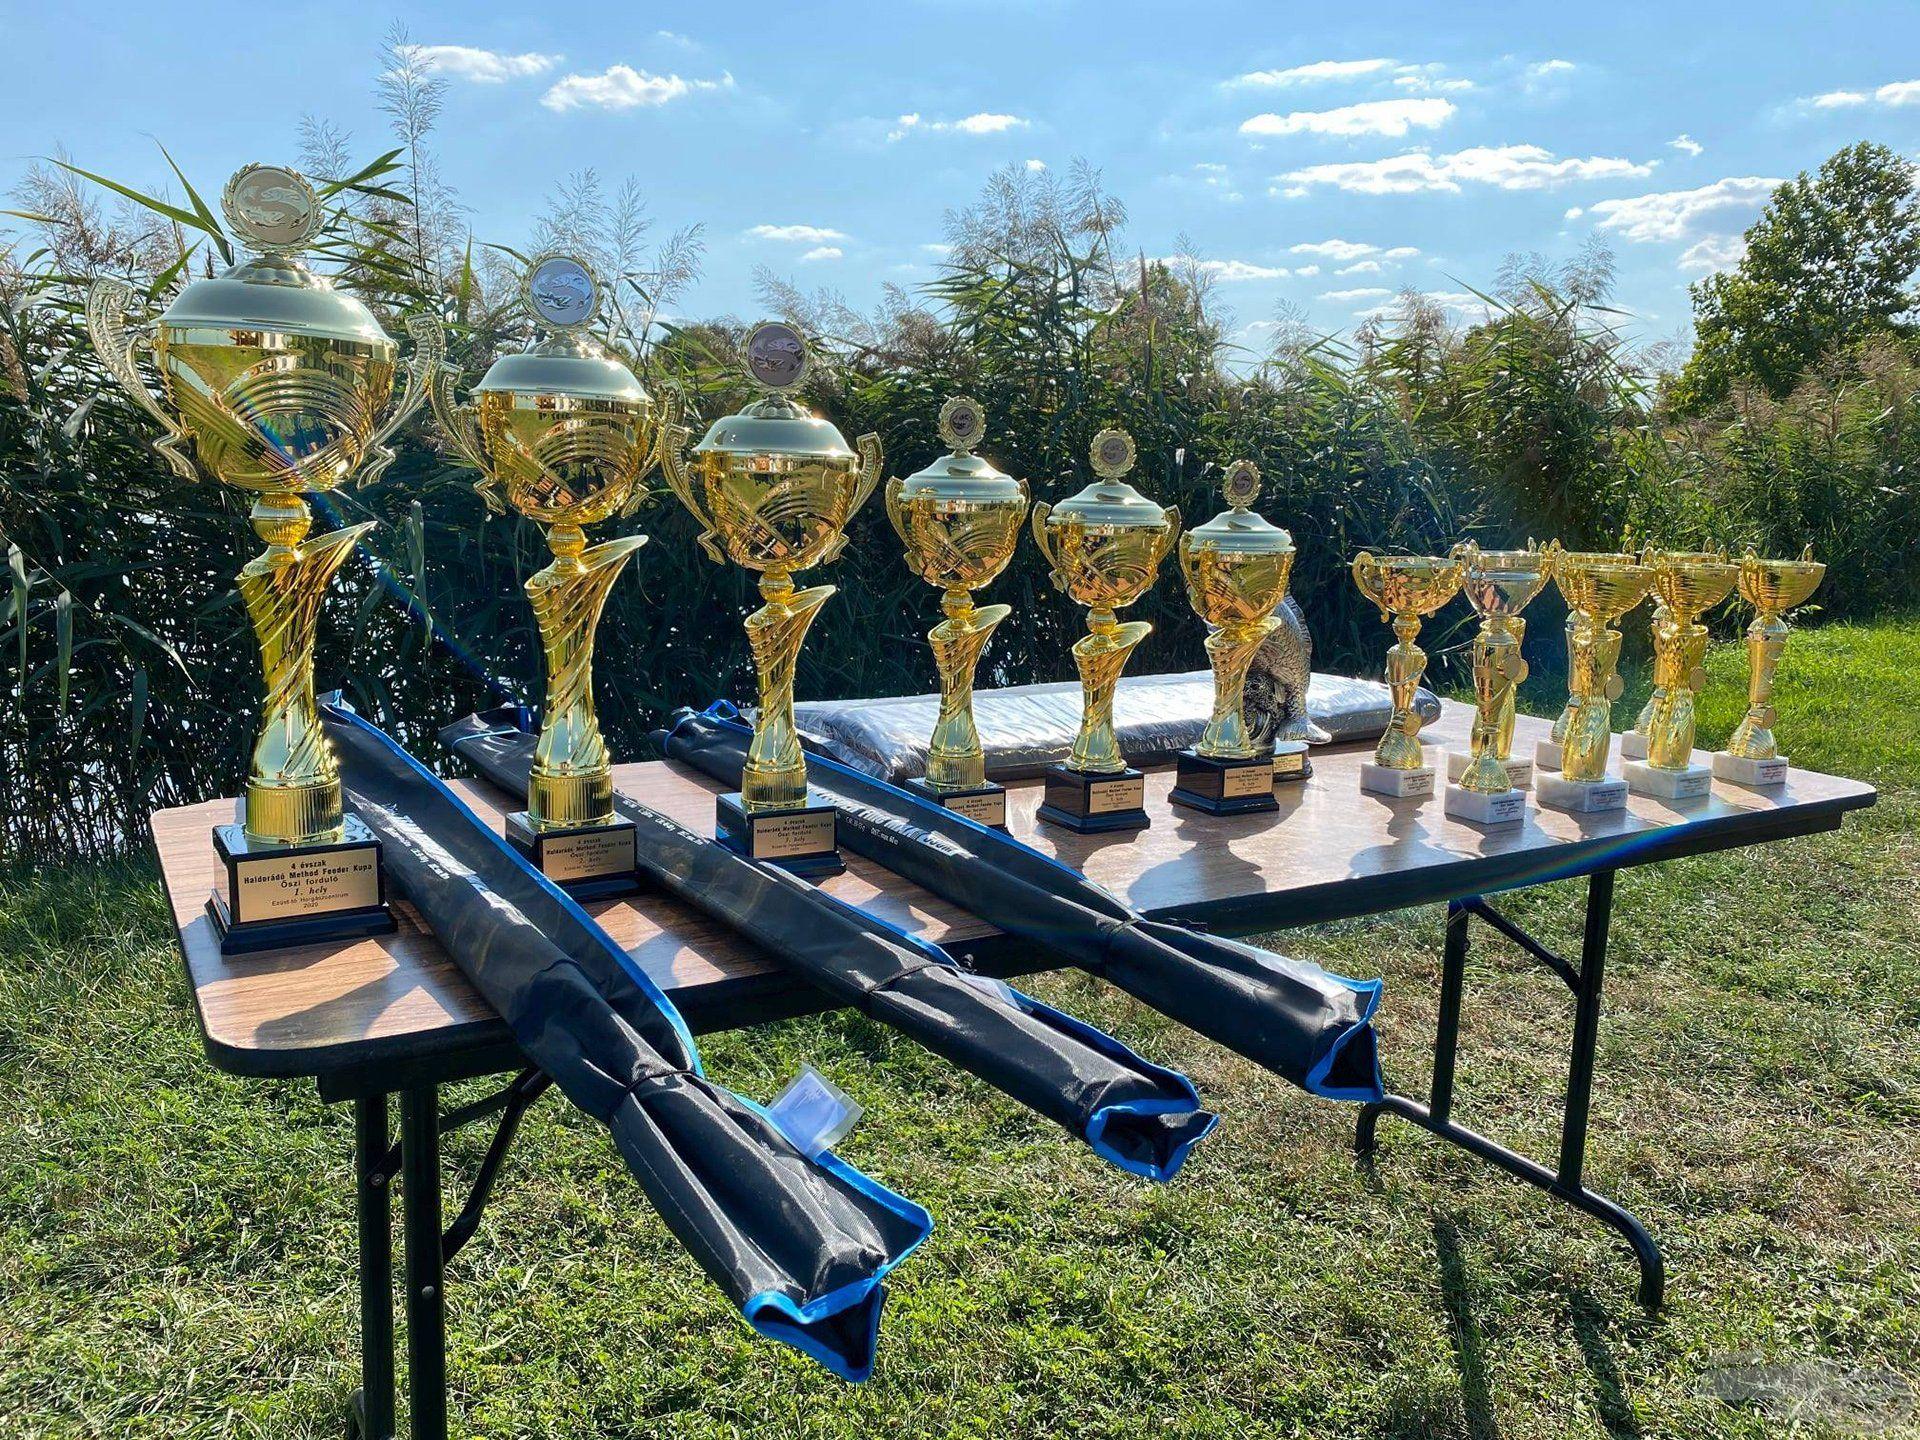 Természetesen ezúttal is igazán szemrevaló kupákért és végül értékes díjakért folyik majd a küzdelem!